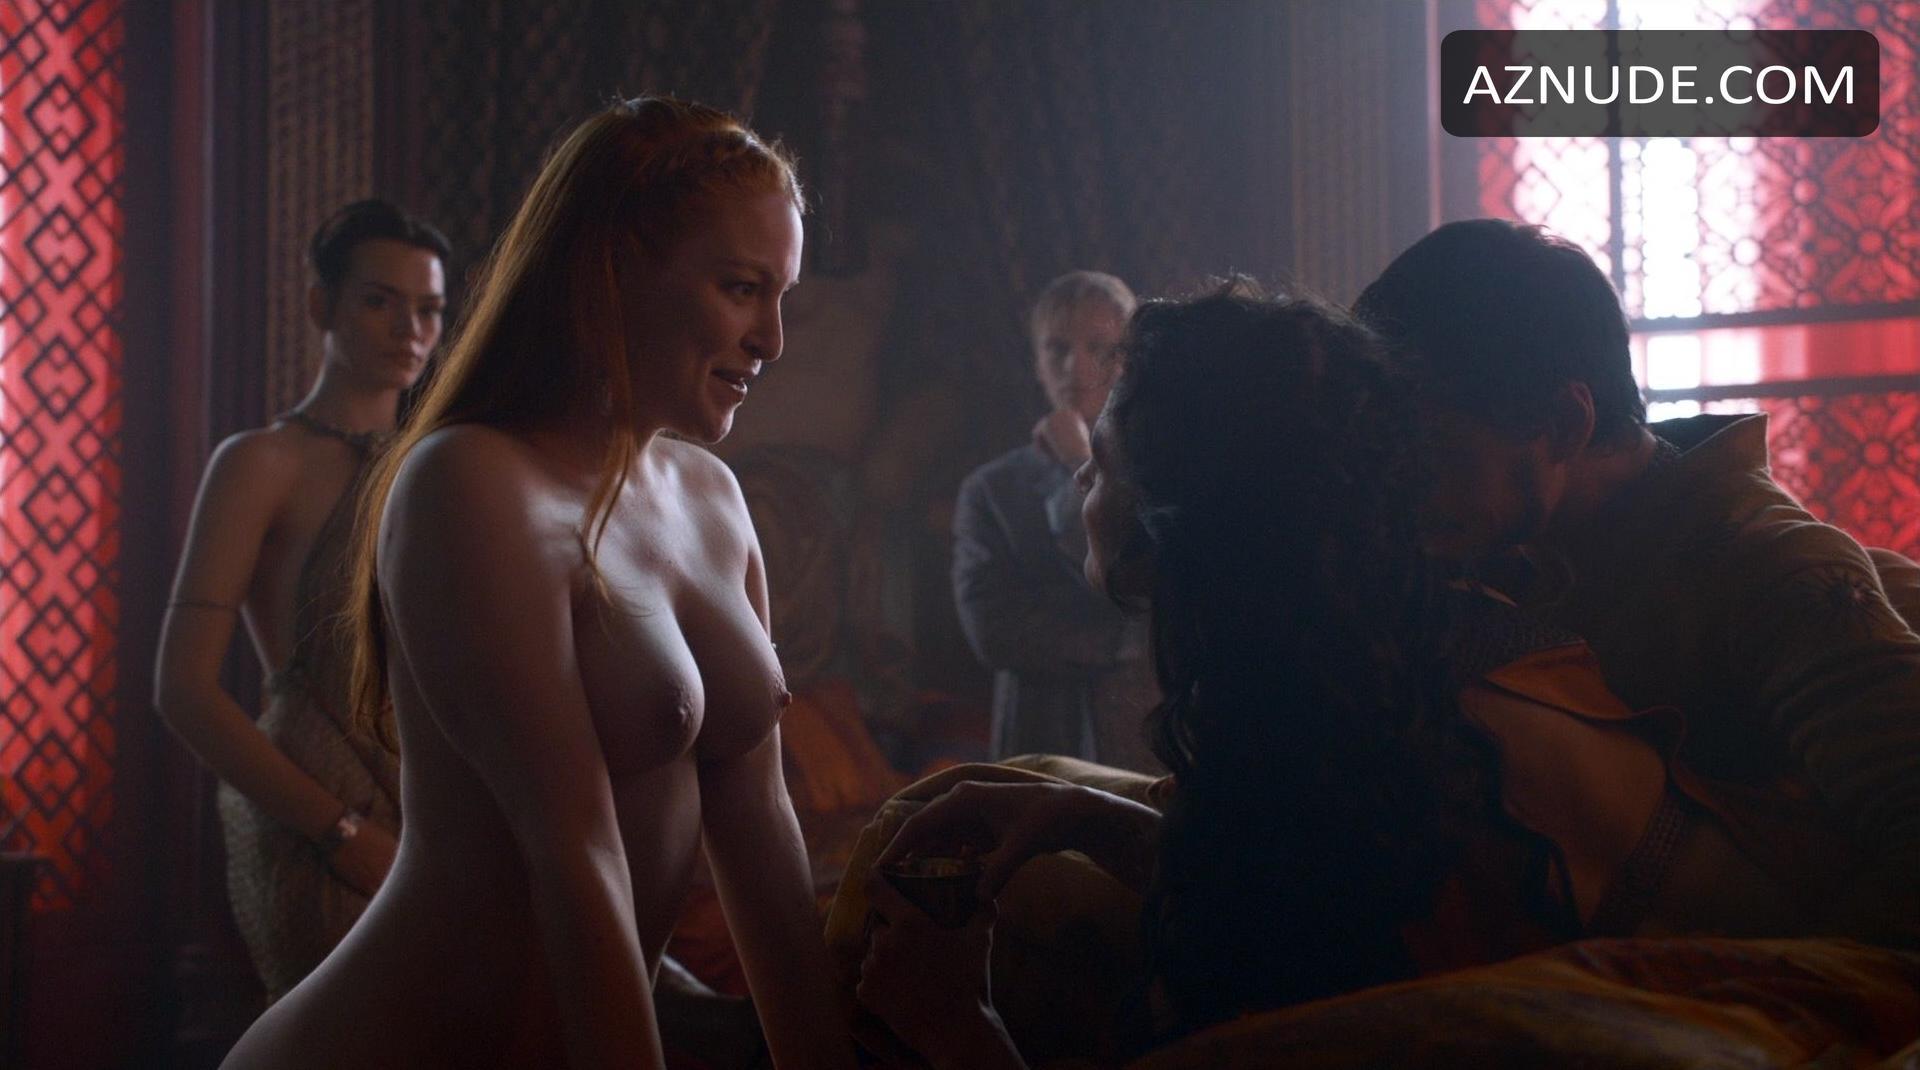 Interracial porn videos hd-6544